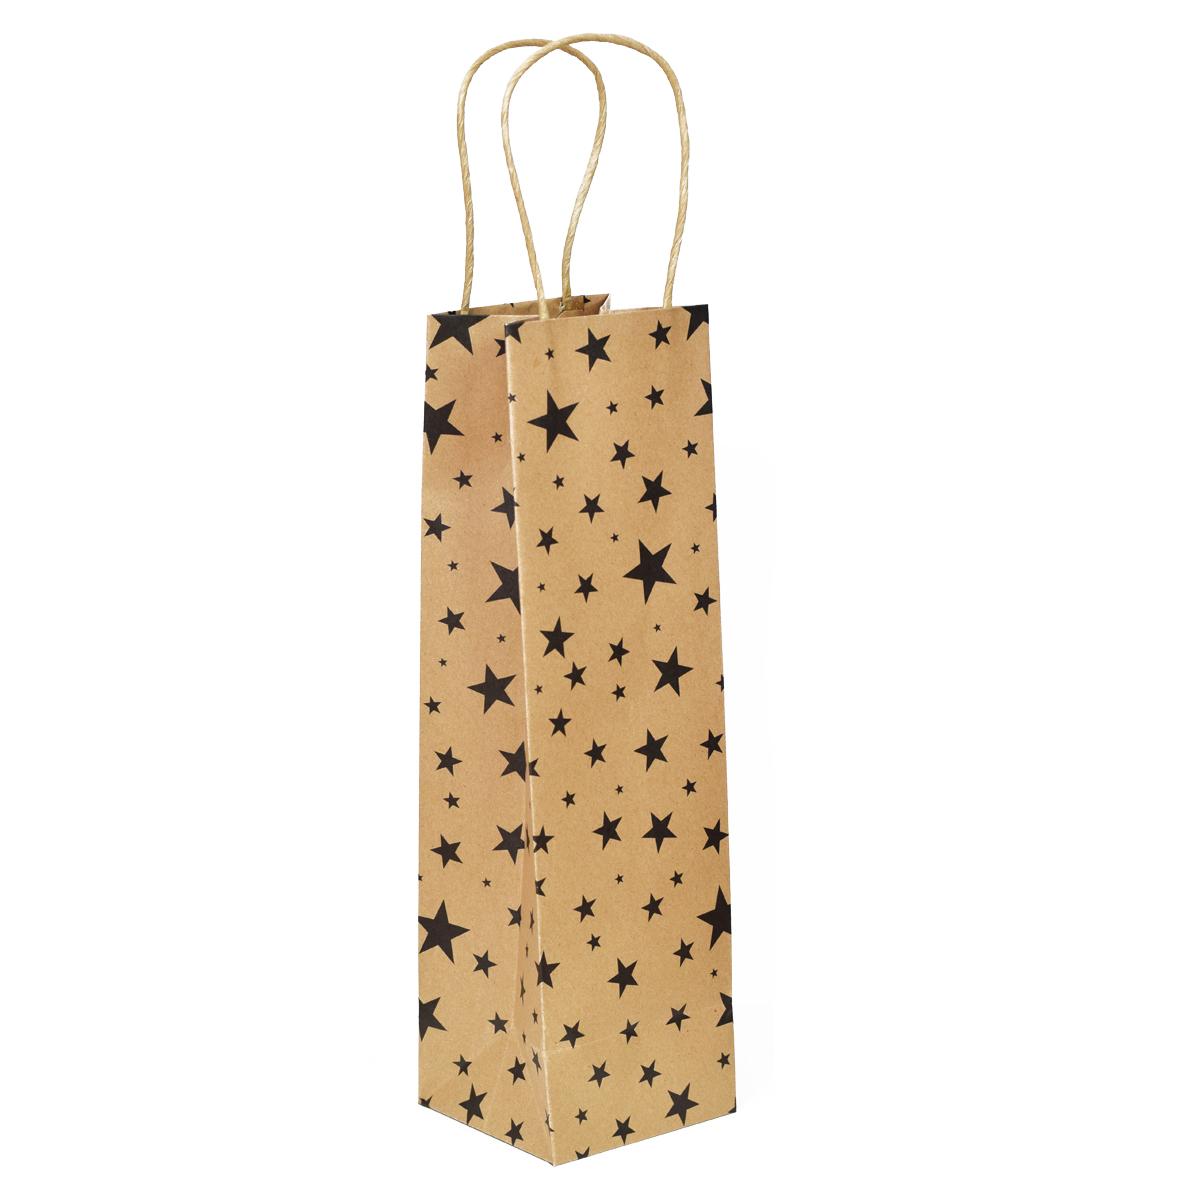 Dárková taška s hvězdami zlatá Barva